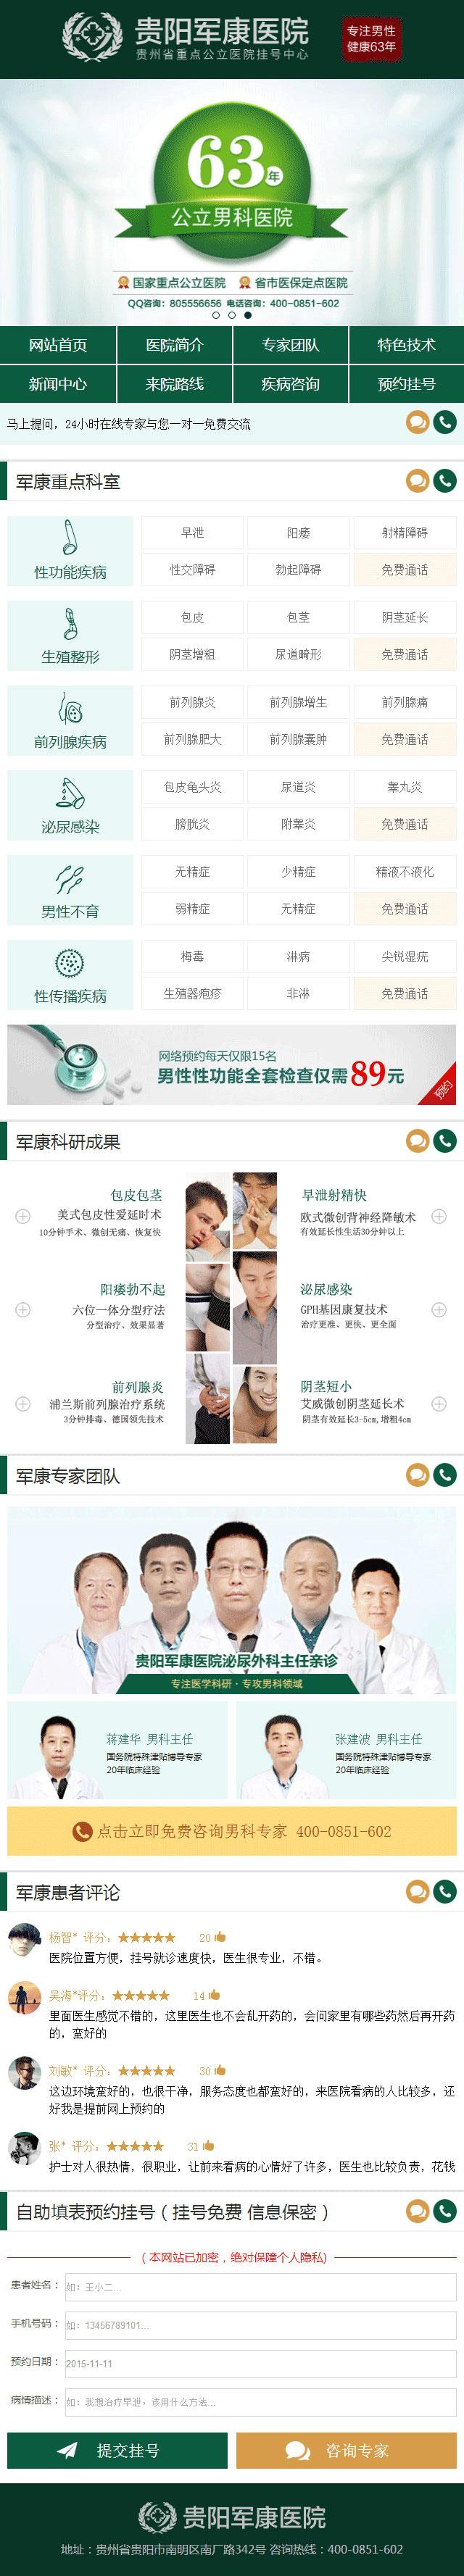 绿色男科医院手机网站wap模板源码 -1